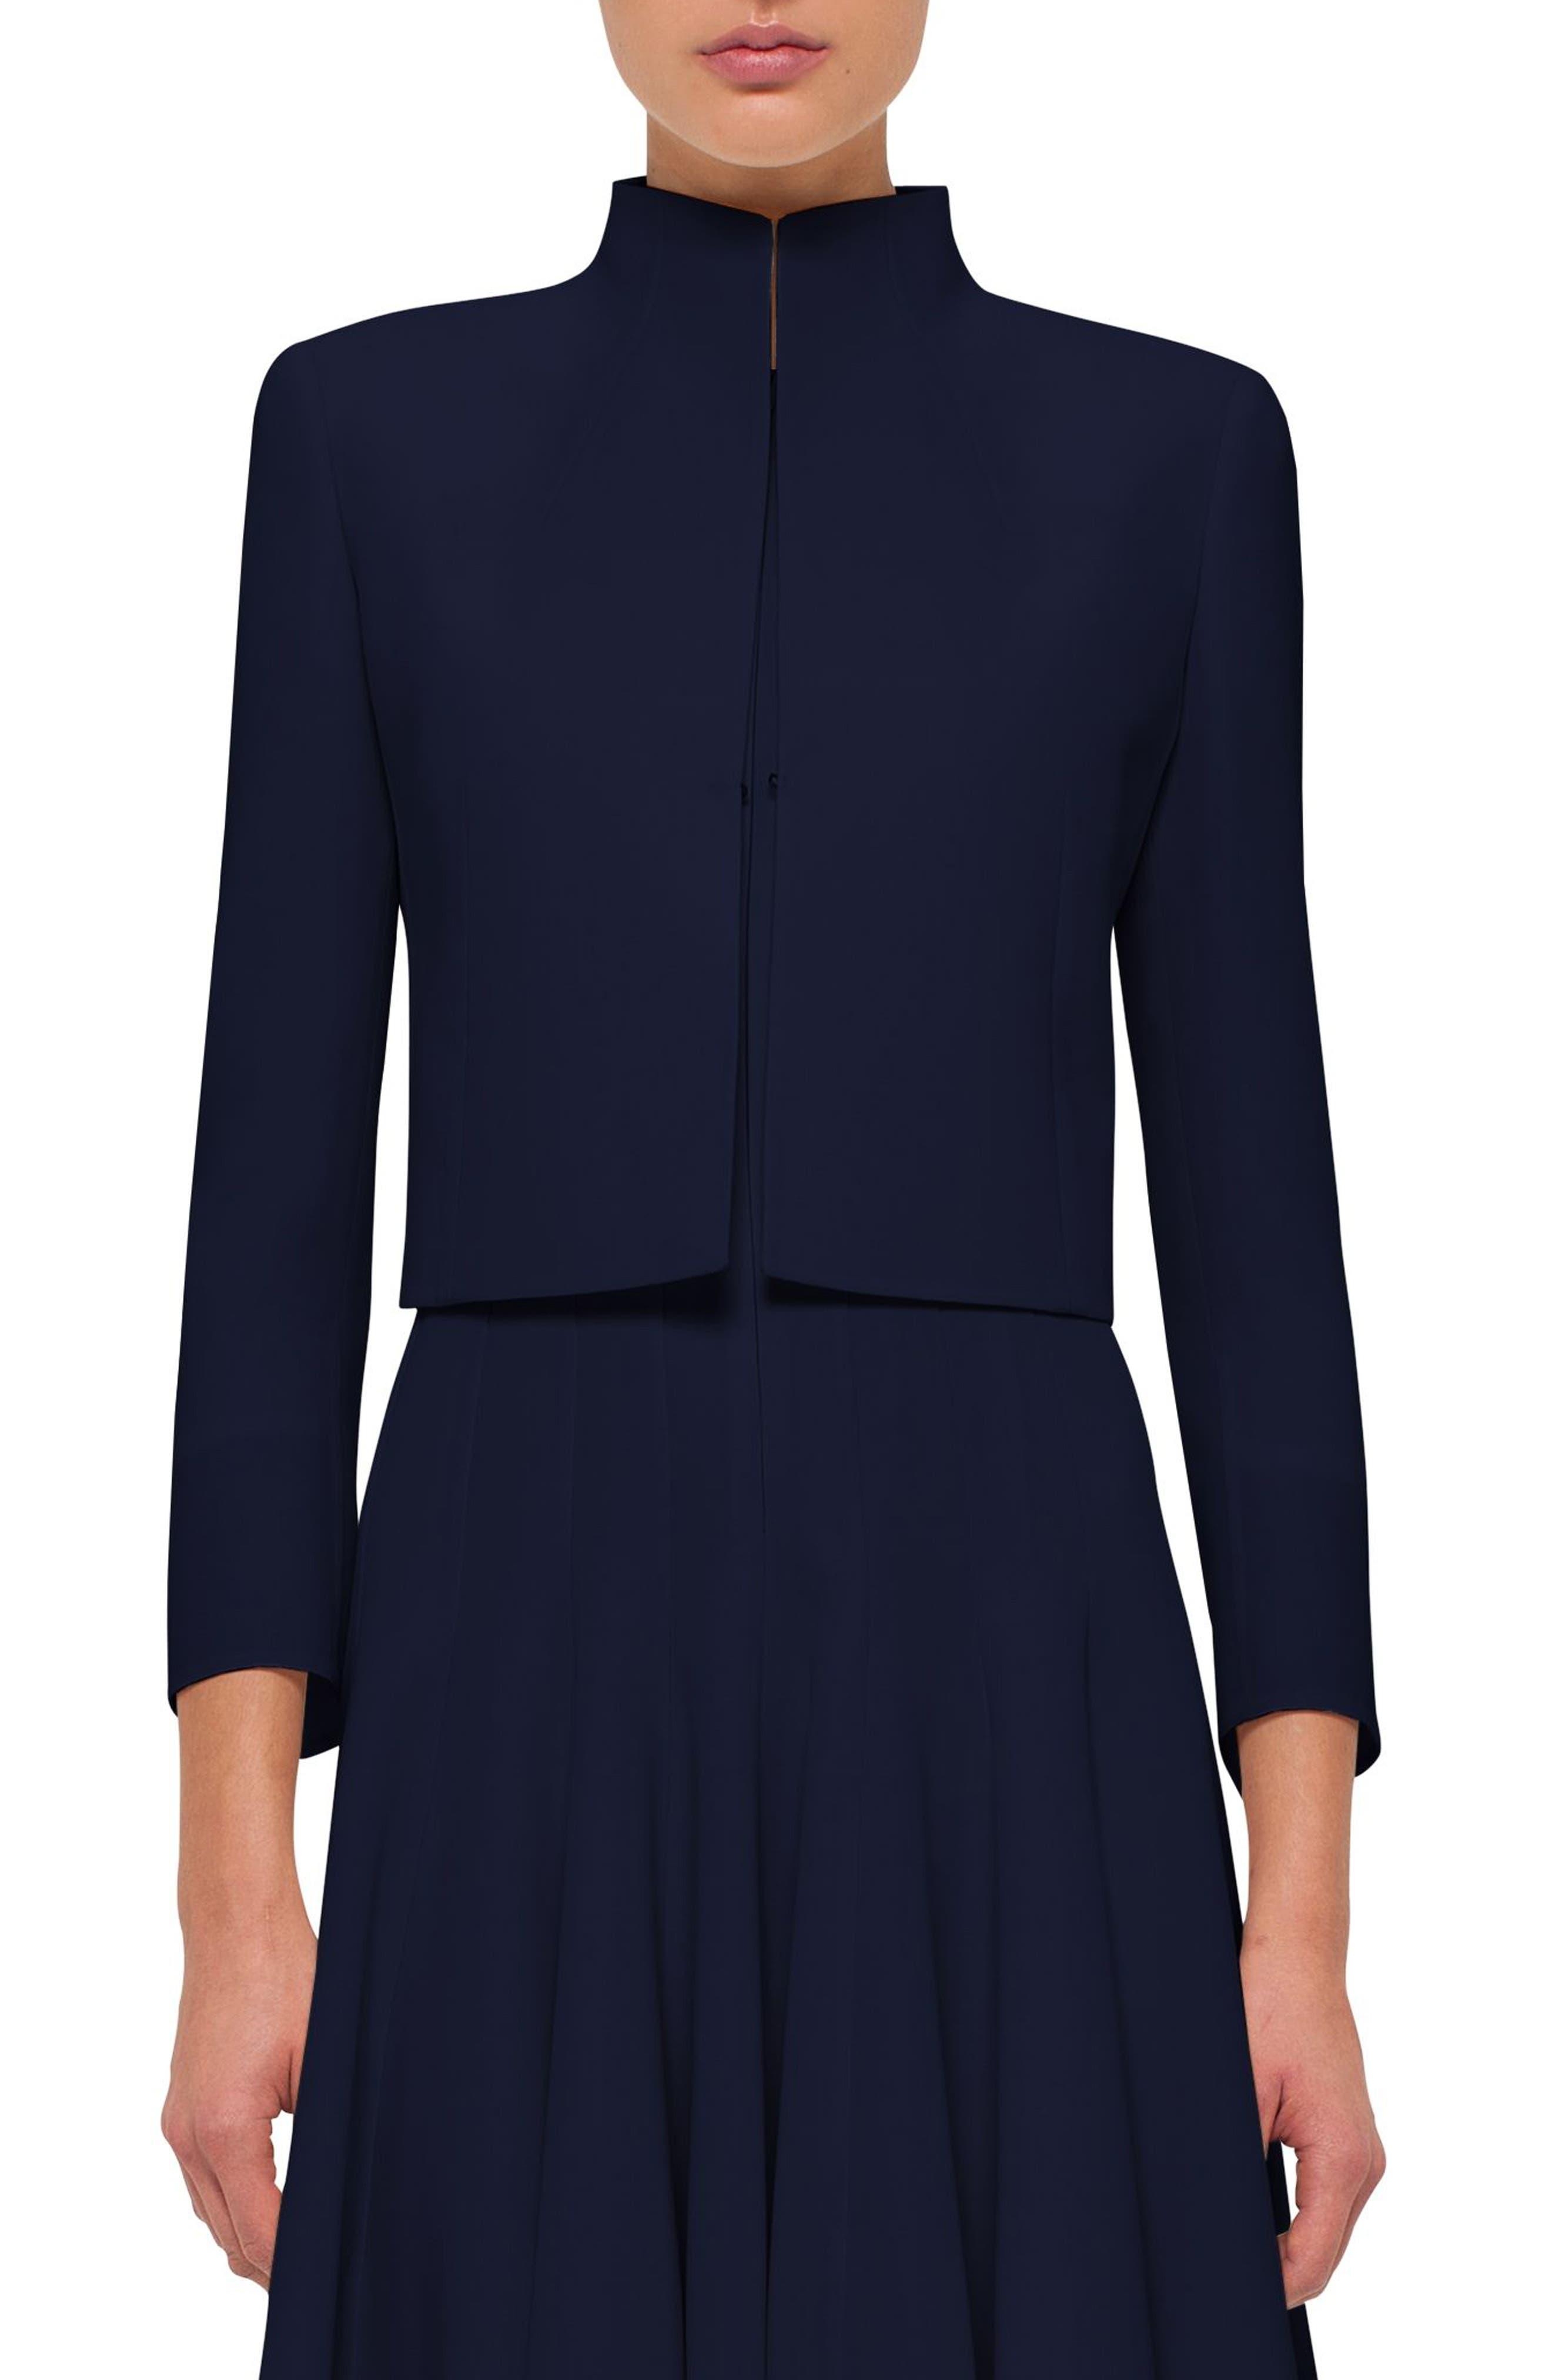 Akris Pandora Short Stretch Wool Jacket